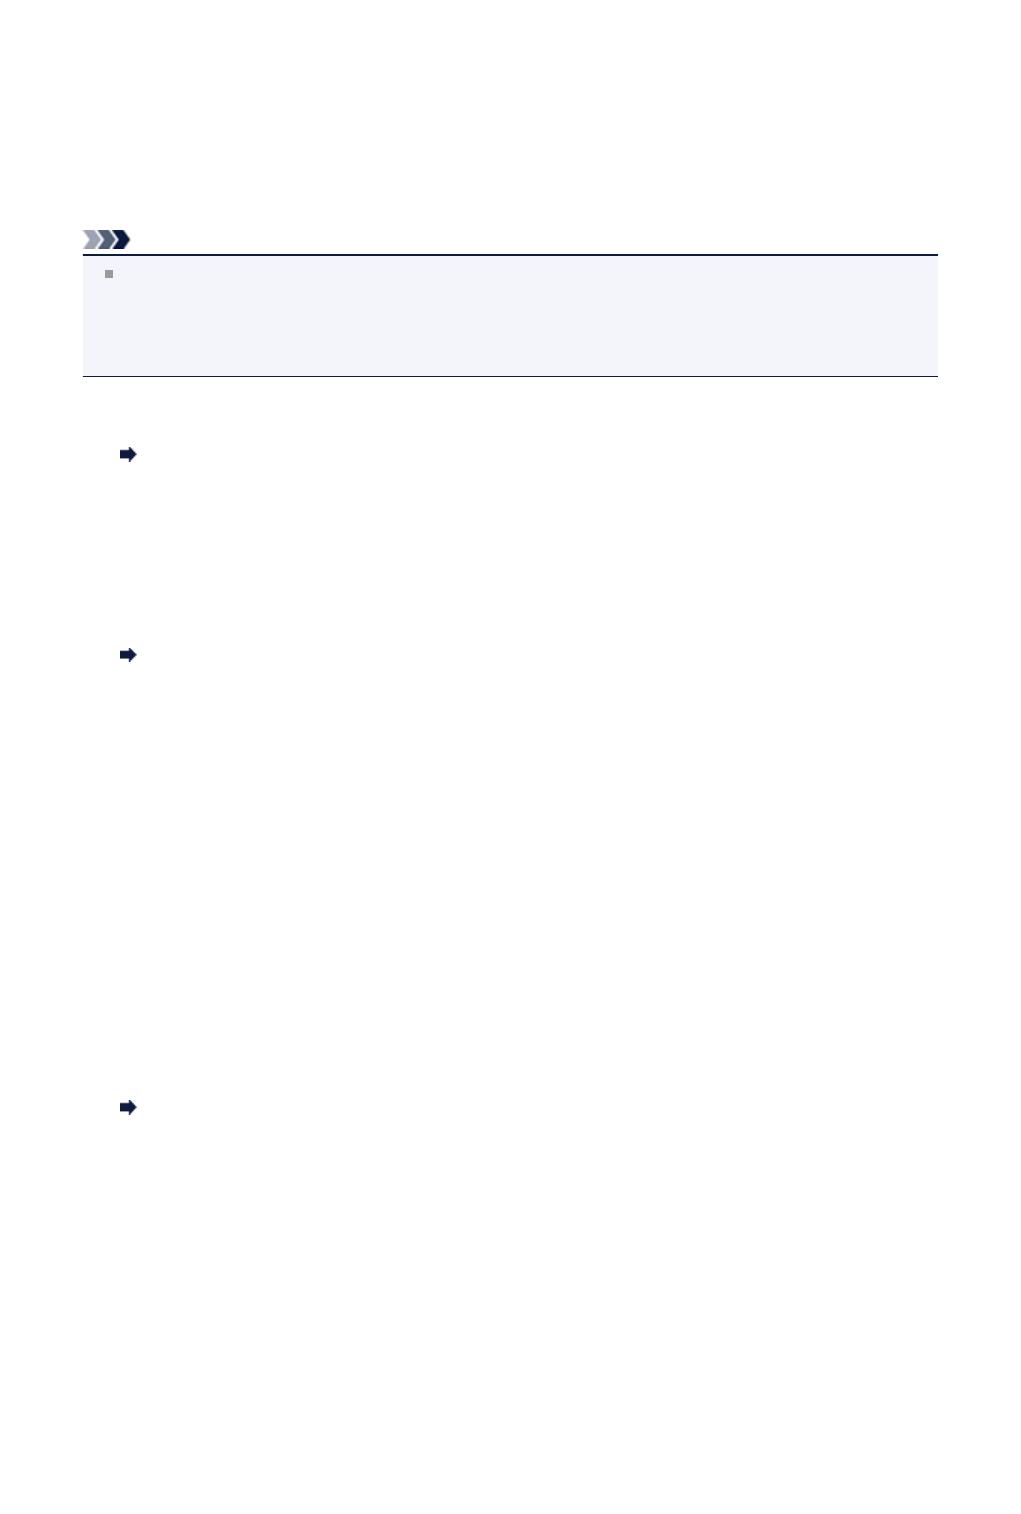 Bedienungsanleitung Canon Pixma MX720 series - Windows (Seite 161 ...